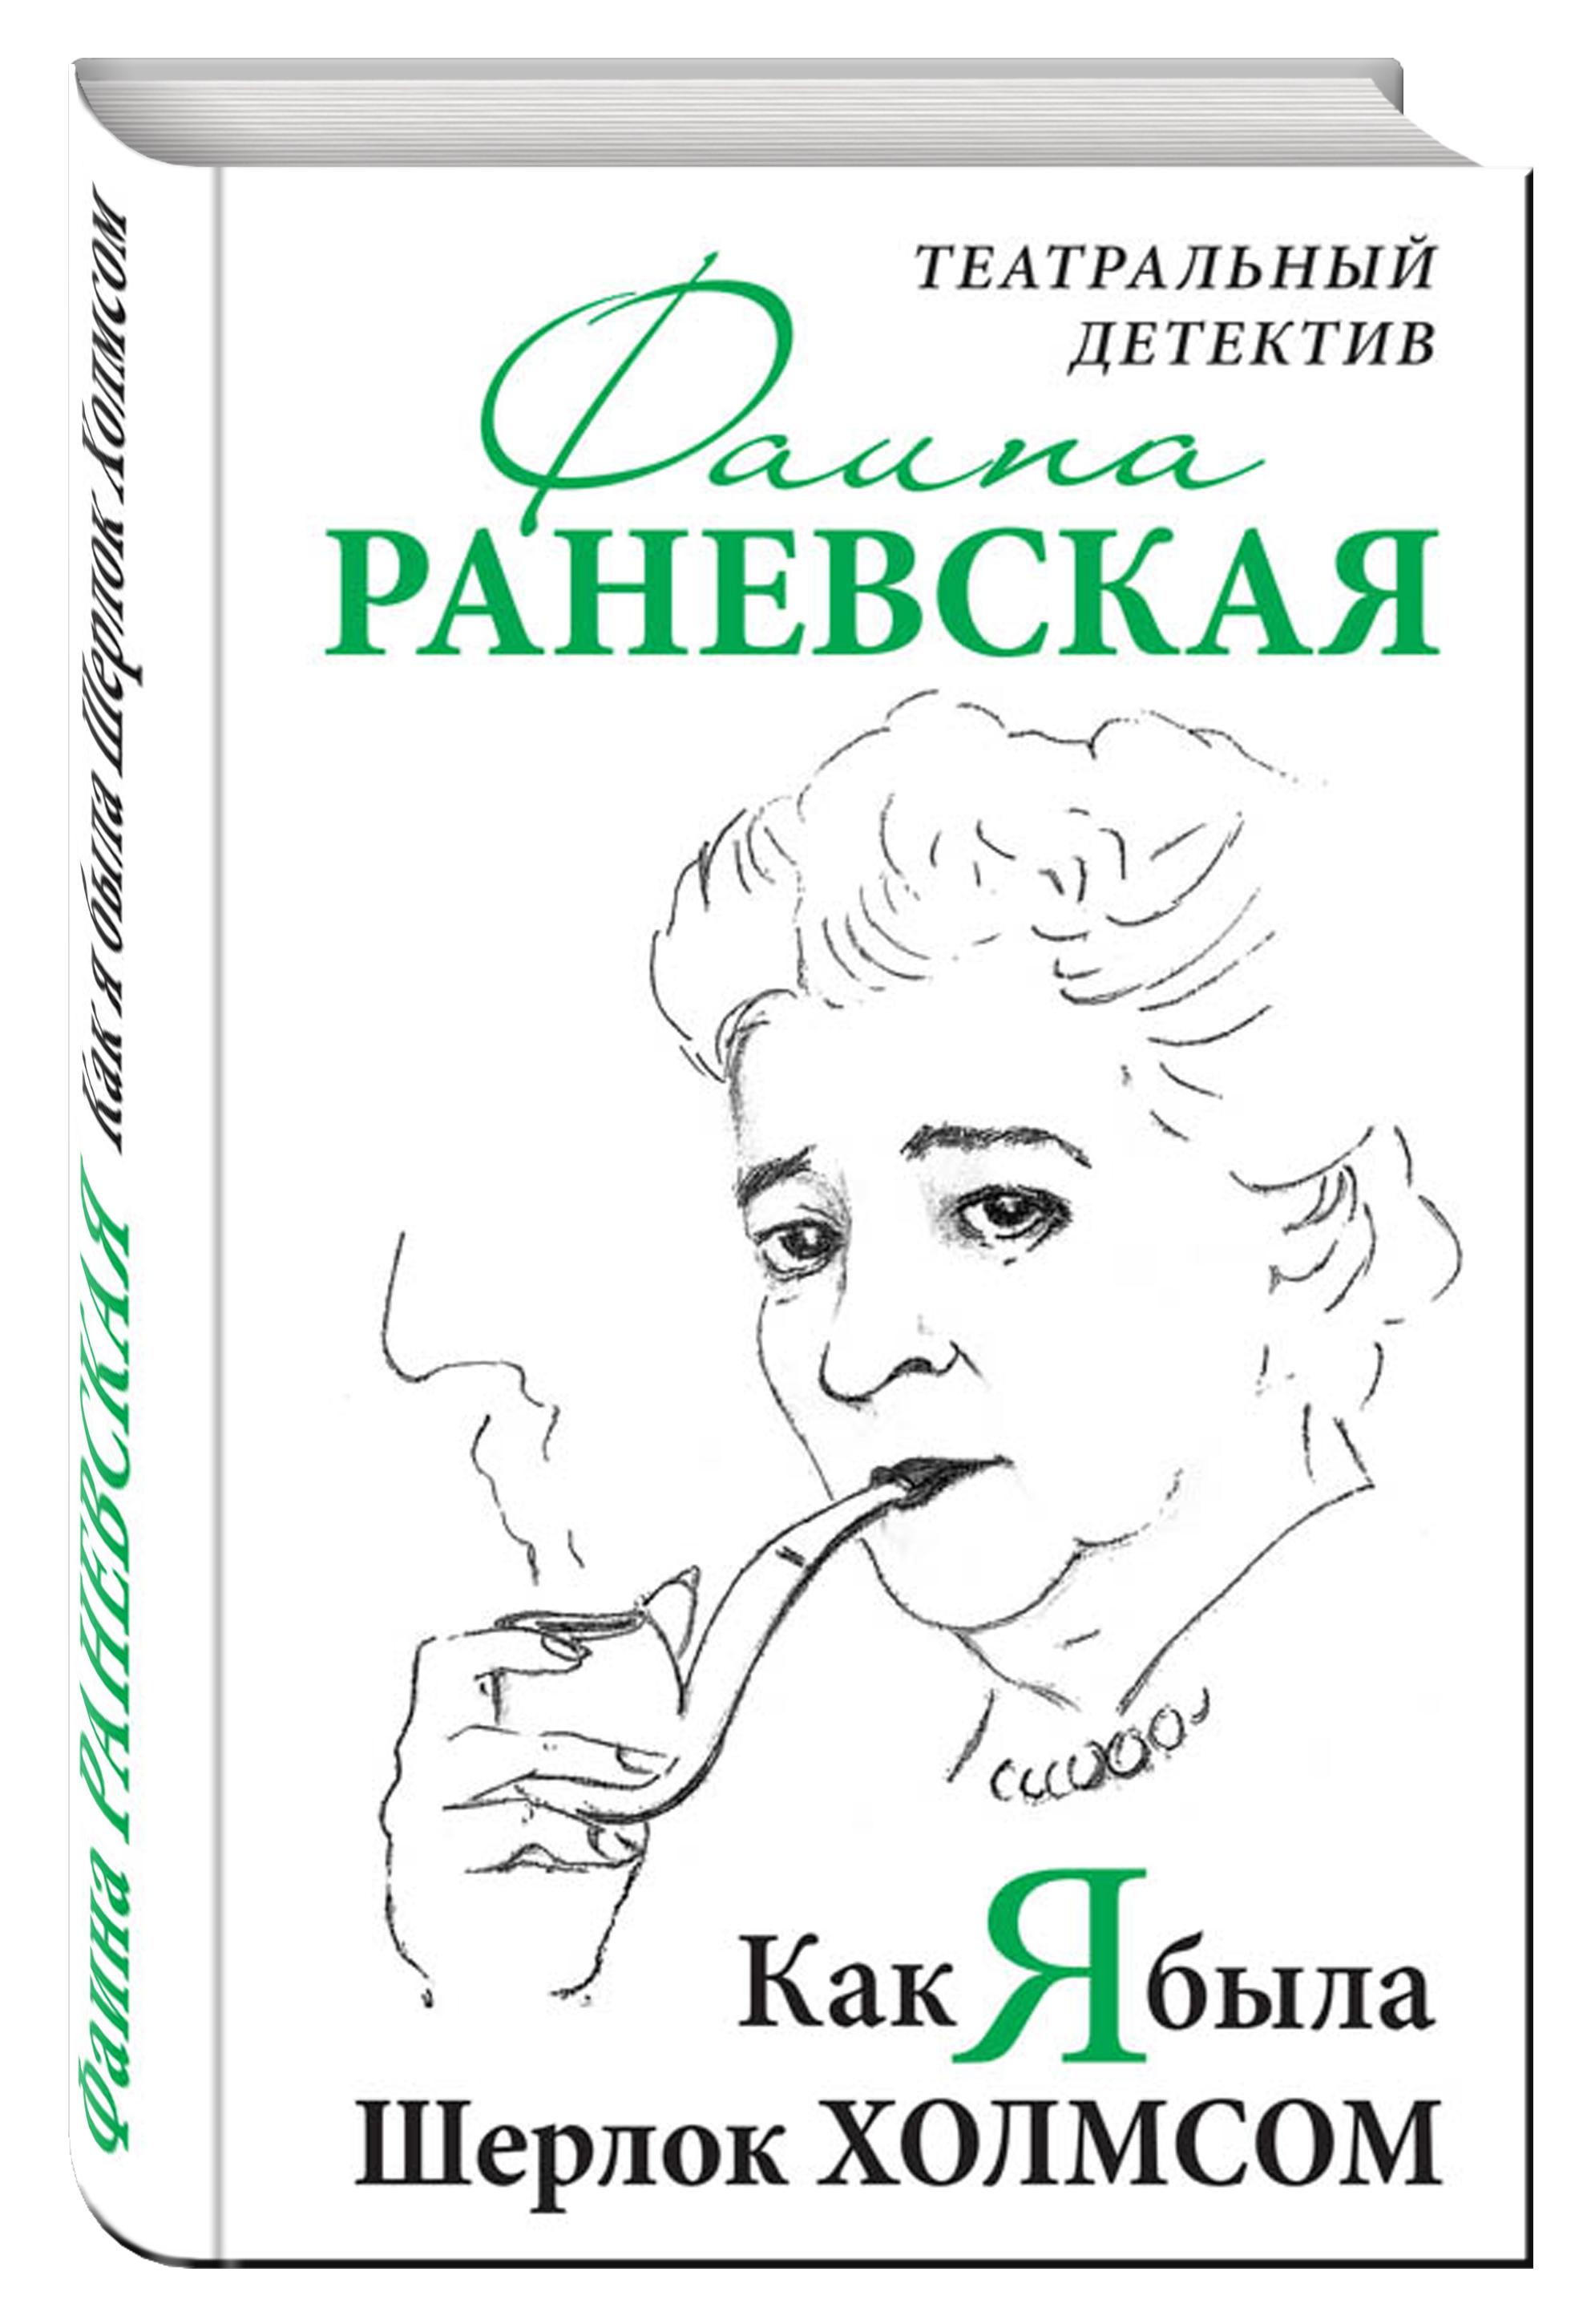 Раневская Ф.Г. Как я была Шерлок Холмсом. Театральный детектив ISBN: 978-5-9955-0879-3 как я была шерлок холмсом театральный детектив